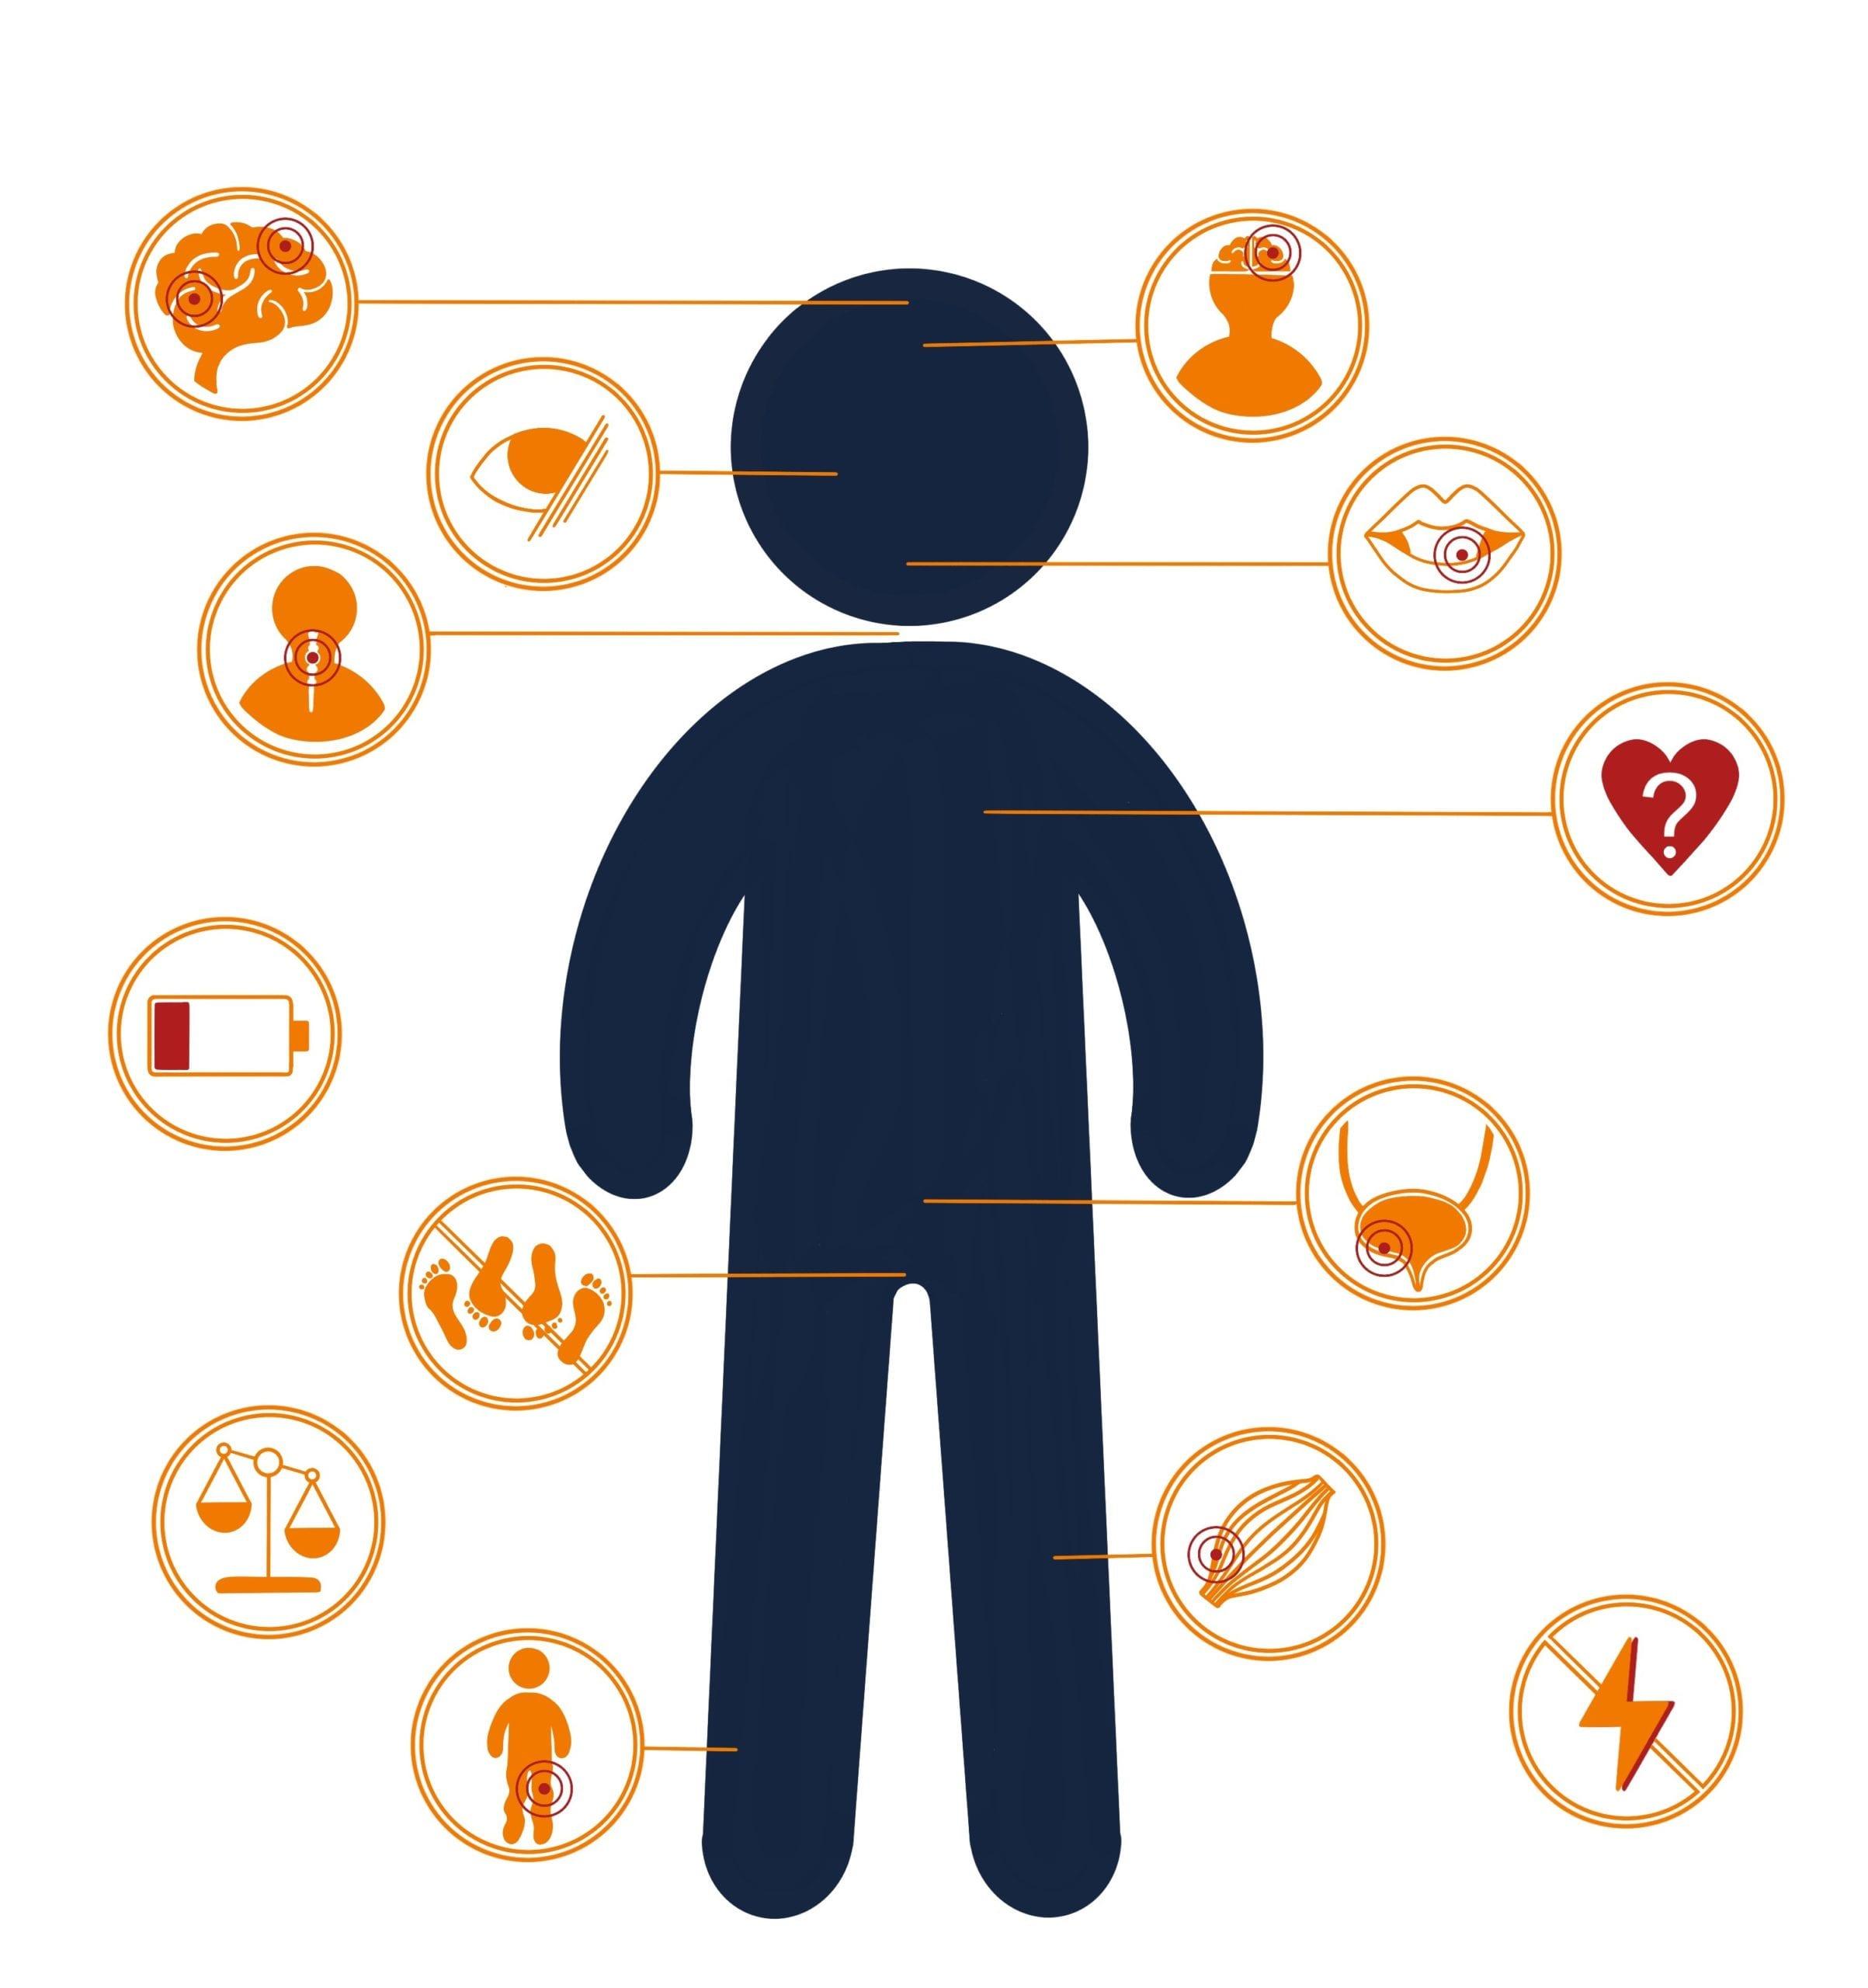 symptomen van MS weergegeven in een graphic waarbij een blauw poppetje omringt wordt door 13 oranje symbooltjes